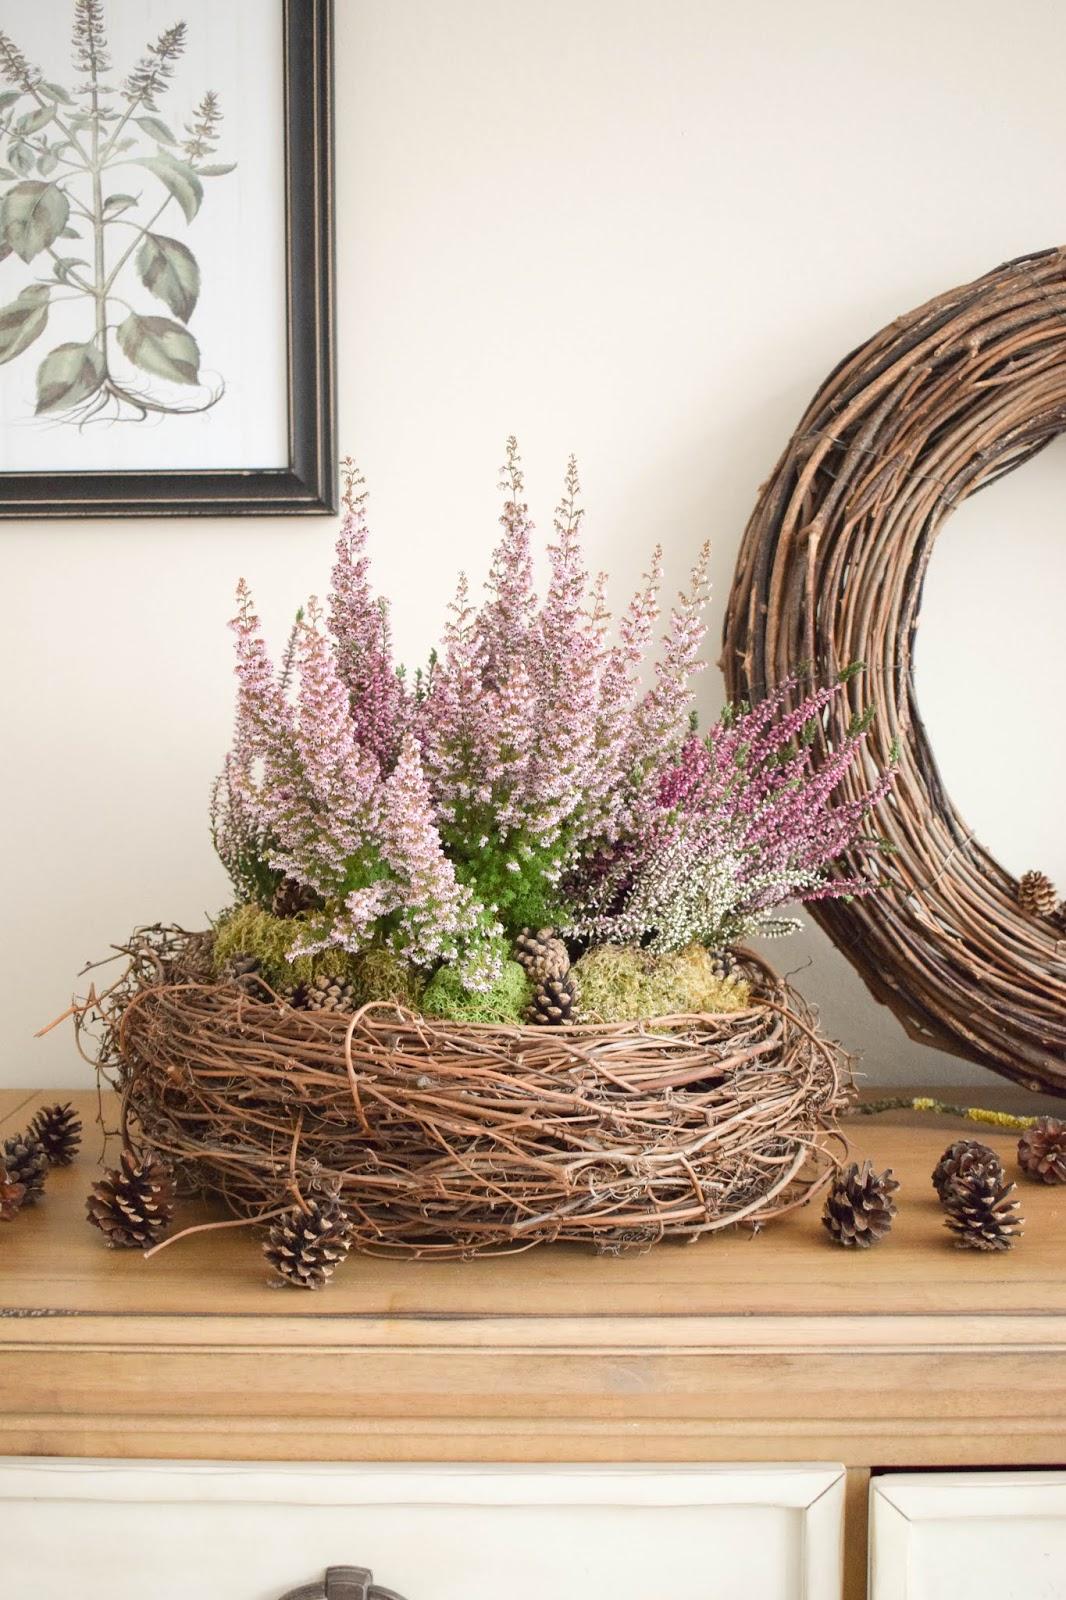 Deko für Herbst und Winter: natürlich mit Moos, Erika, Heidekraut, Zapfen dekorieren. Dekoidee Haustüre Konsole Sideboard